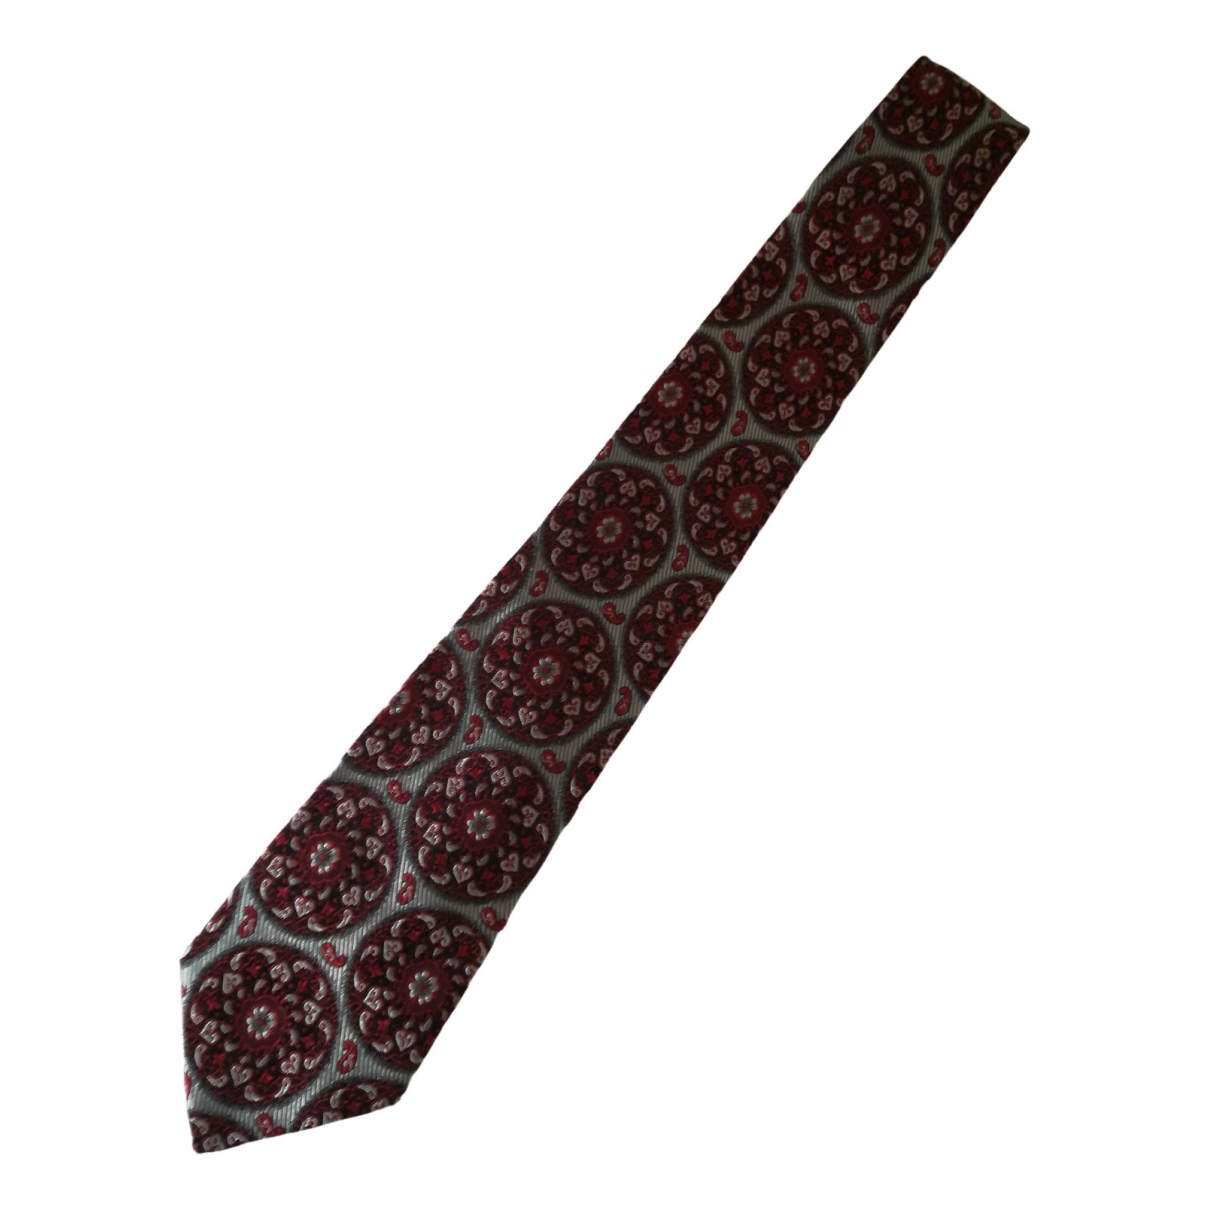 Gianni Versace N Multicolour Silk Ties for Men N